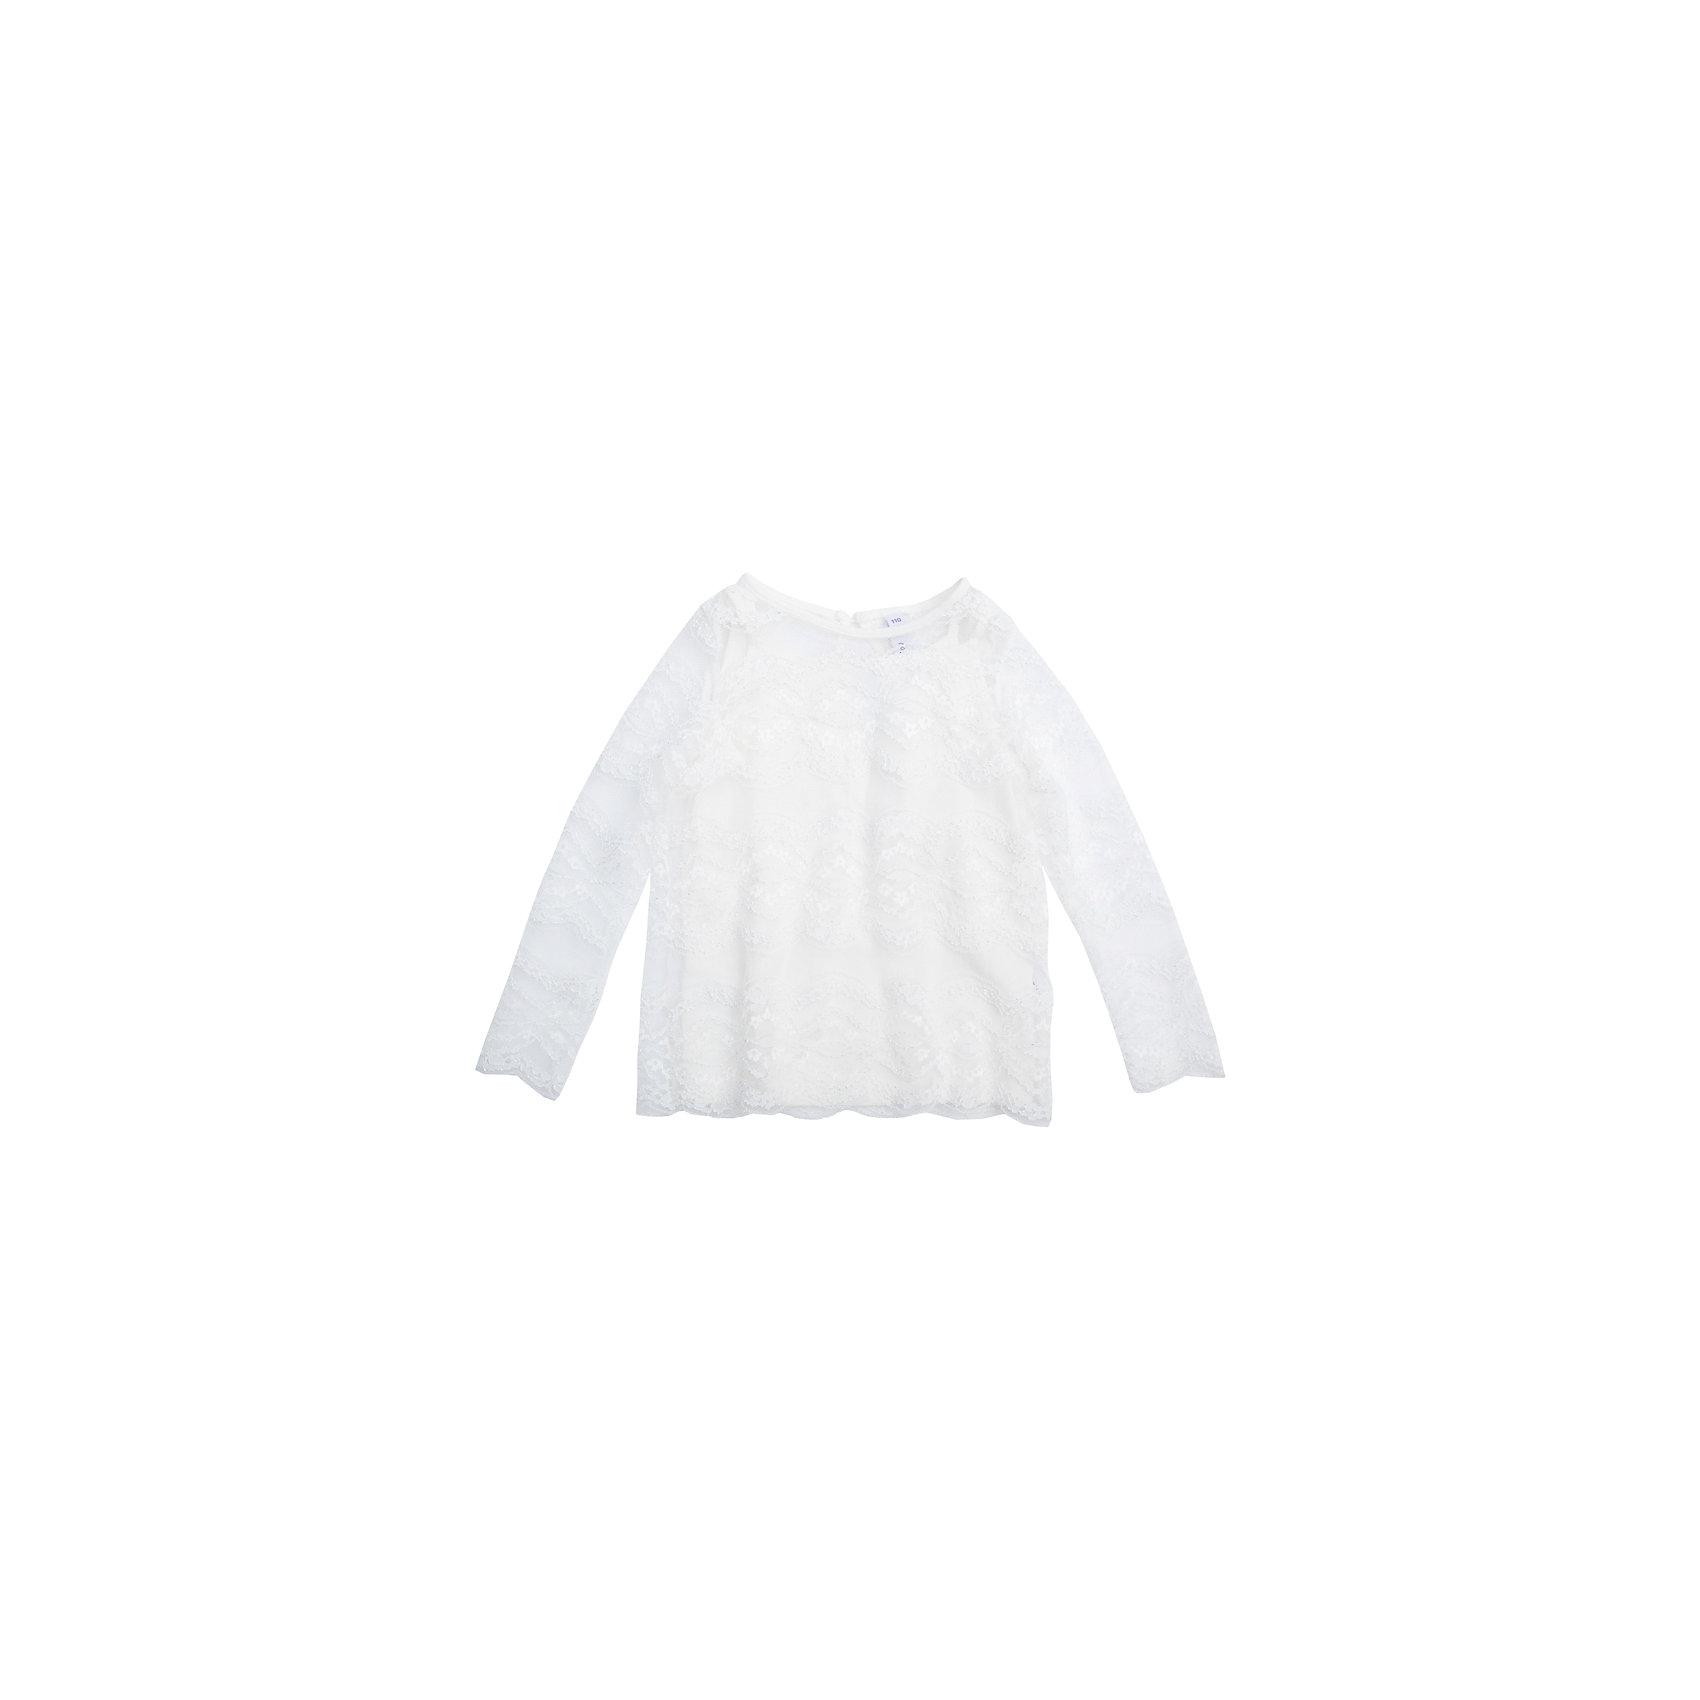 Блузка для девочки PlayTodayОдежда<br>Блузка для девочки от известного бренда PlayToday.<br>Трикотажная блузка.<br><br>Модель состоит из двух изделий: топа и футболки с длинными рукавами. Верхний слой выполнен из ажурного эластичного гипюра, нижний – из мягкого хлопка. Стильные рукава 3/4. Застегивается на пуговицу на спине.<br>Состав:<br>Верх: 100% полиамид, подкладка: 95% хлопок, 5% эластан<br><br>Ширина мм: 186<br>Глубина мм: 87<br>Высота мм: 198<br>Вес г: 197<br>Цвет: белый<br>Возраст от месяцев: 72<br>Возраст до месяцев: 84<br>Пол: Женский<br>Возраст: Детский<br>Размер: 122,128,116,110,104,98<br>SKU: 5113912